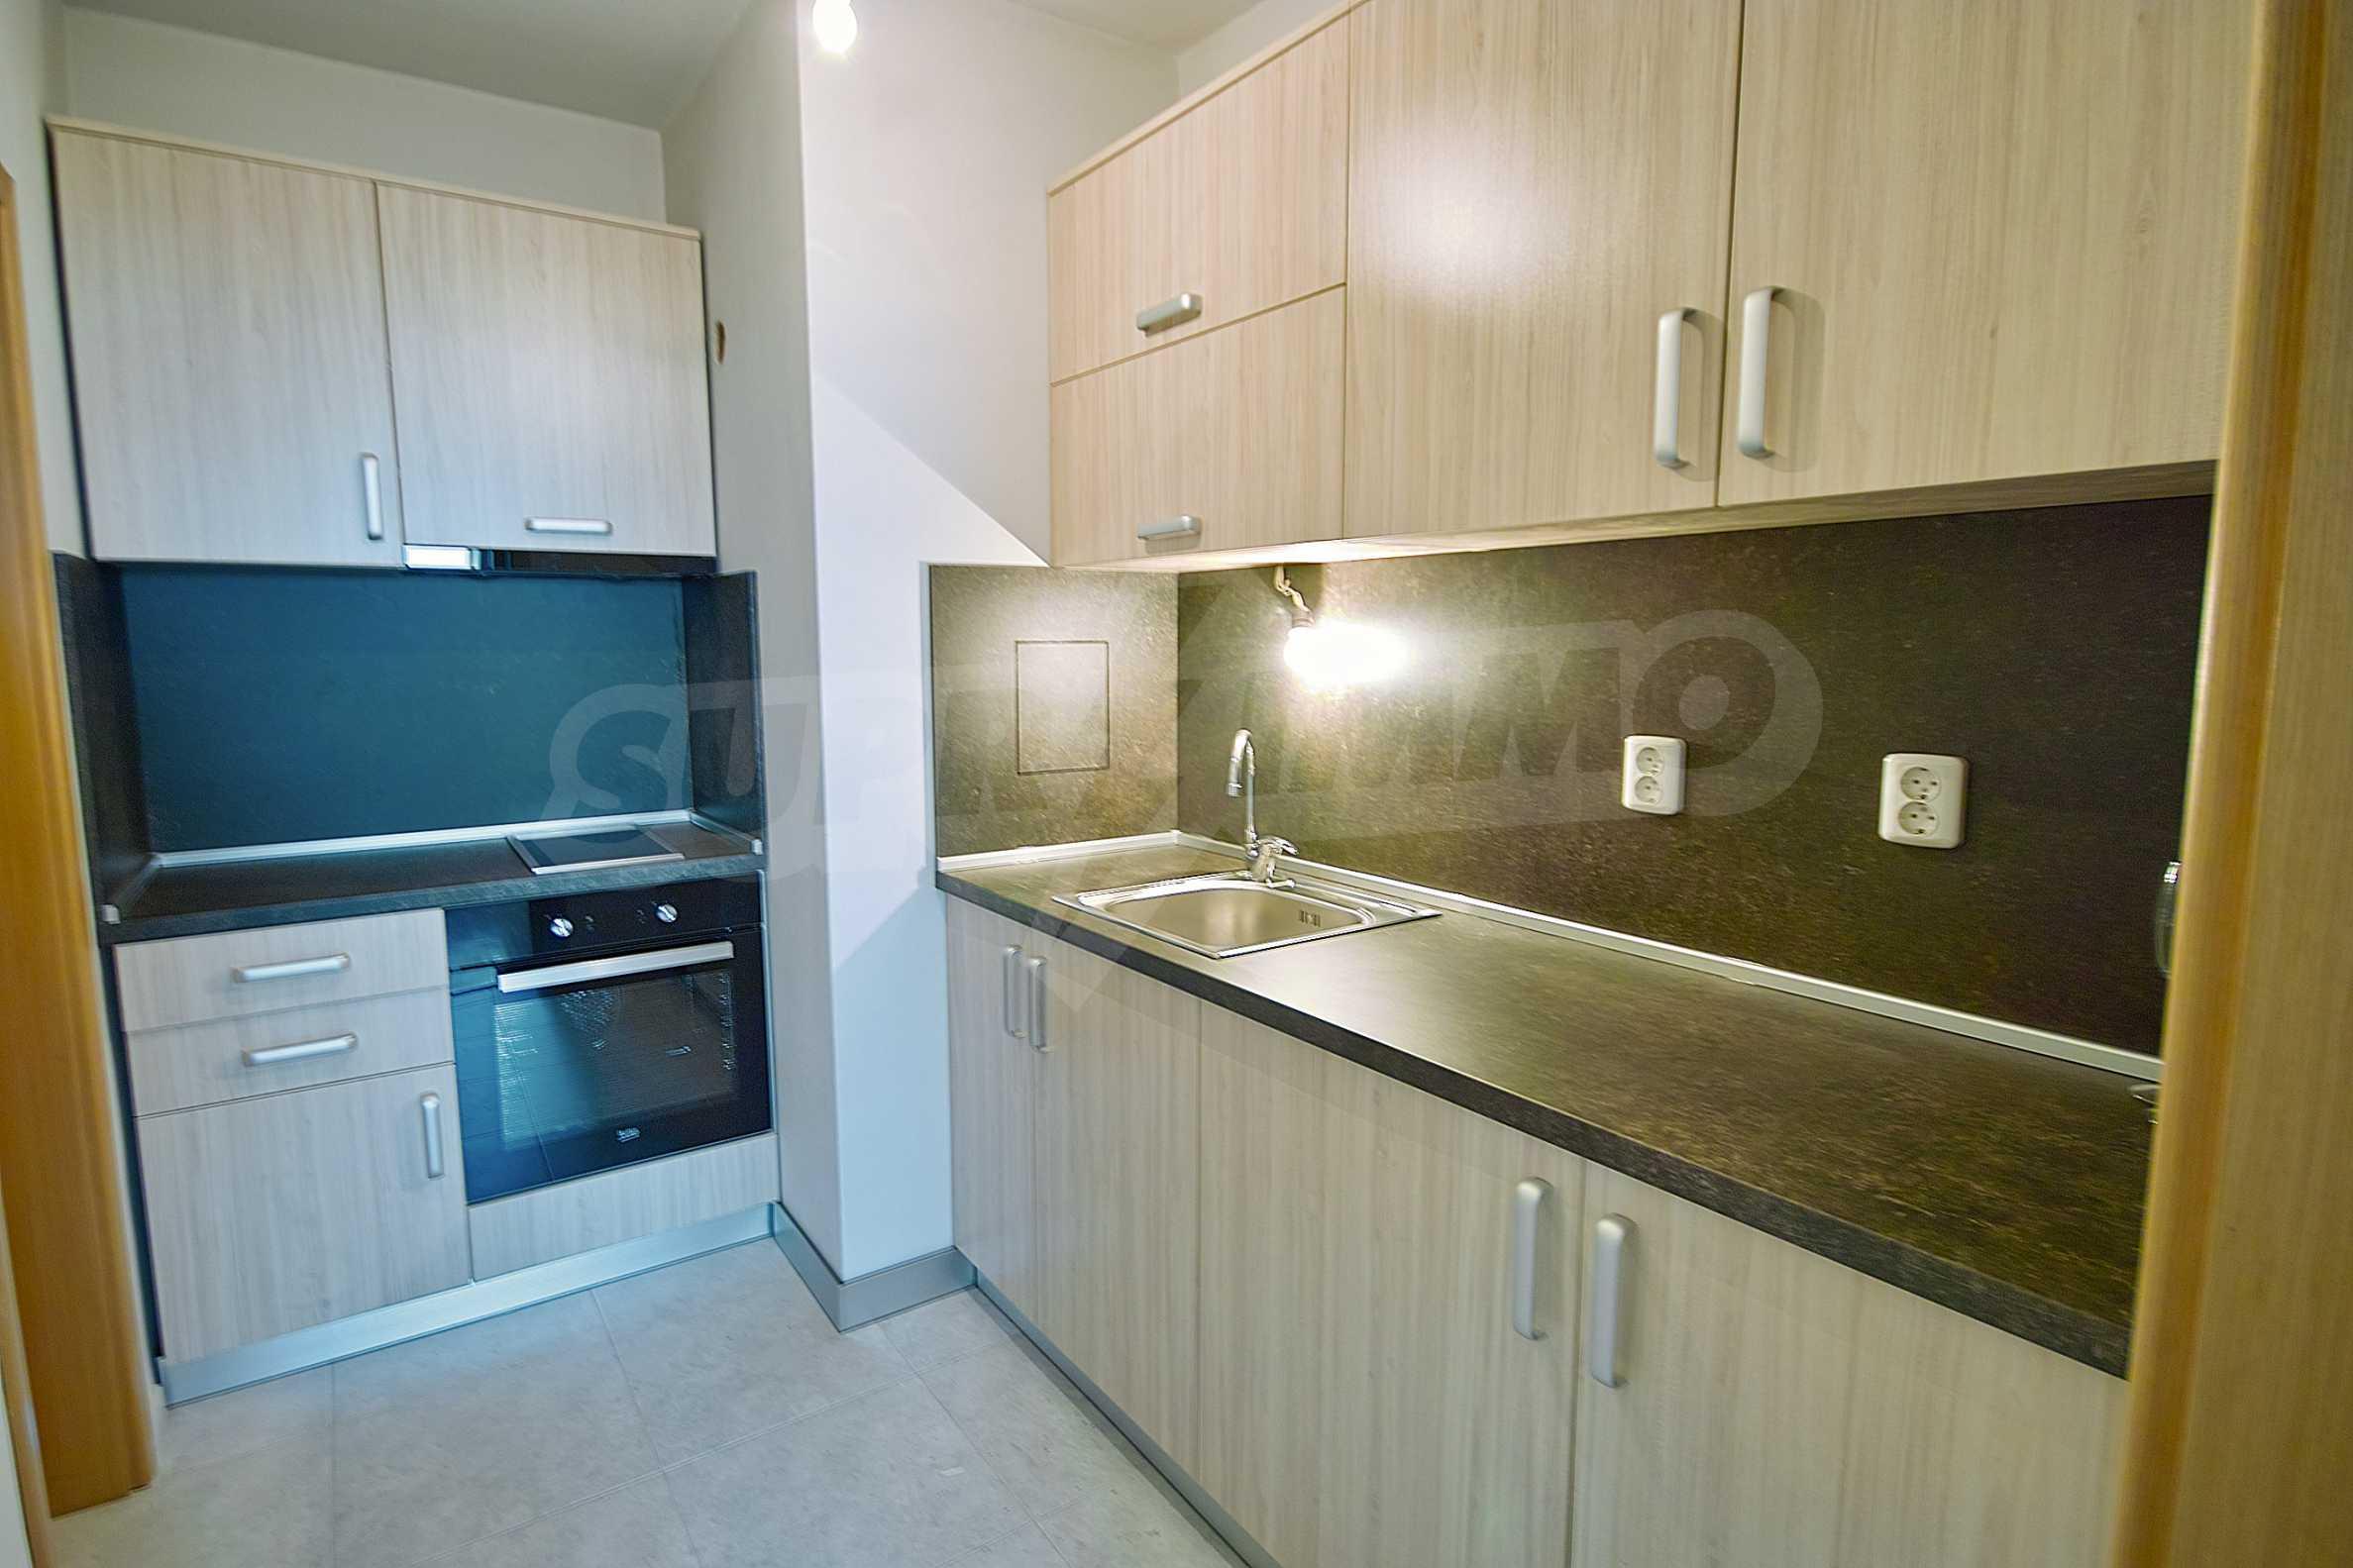 Wohnung zu vermieten in Lyulin-3 Bezirk neben der U-Bahn 7